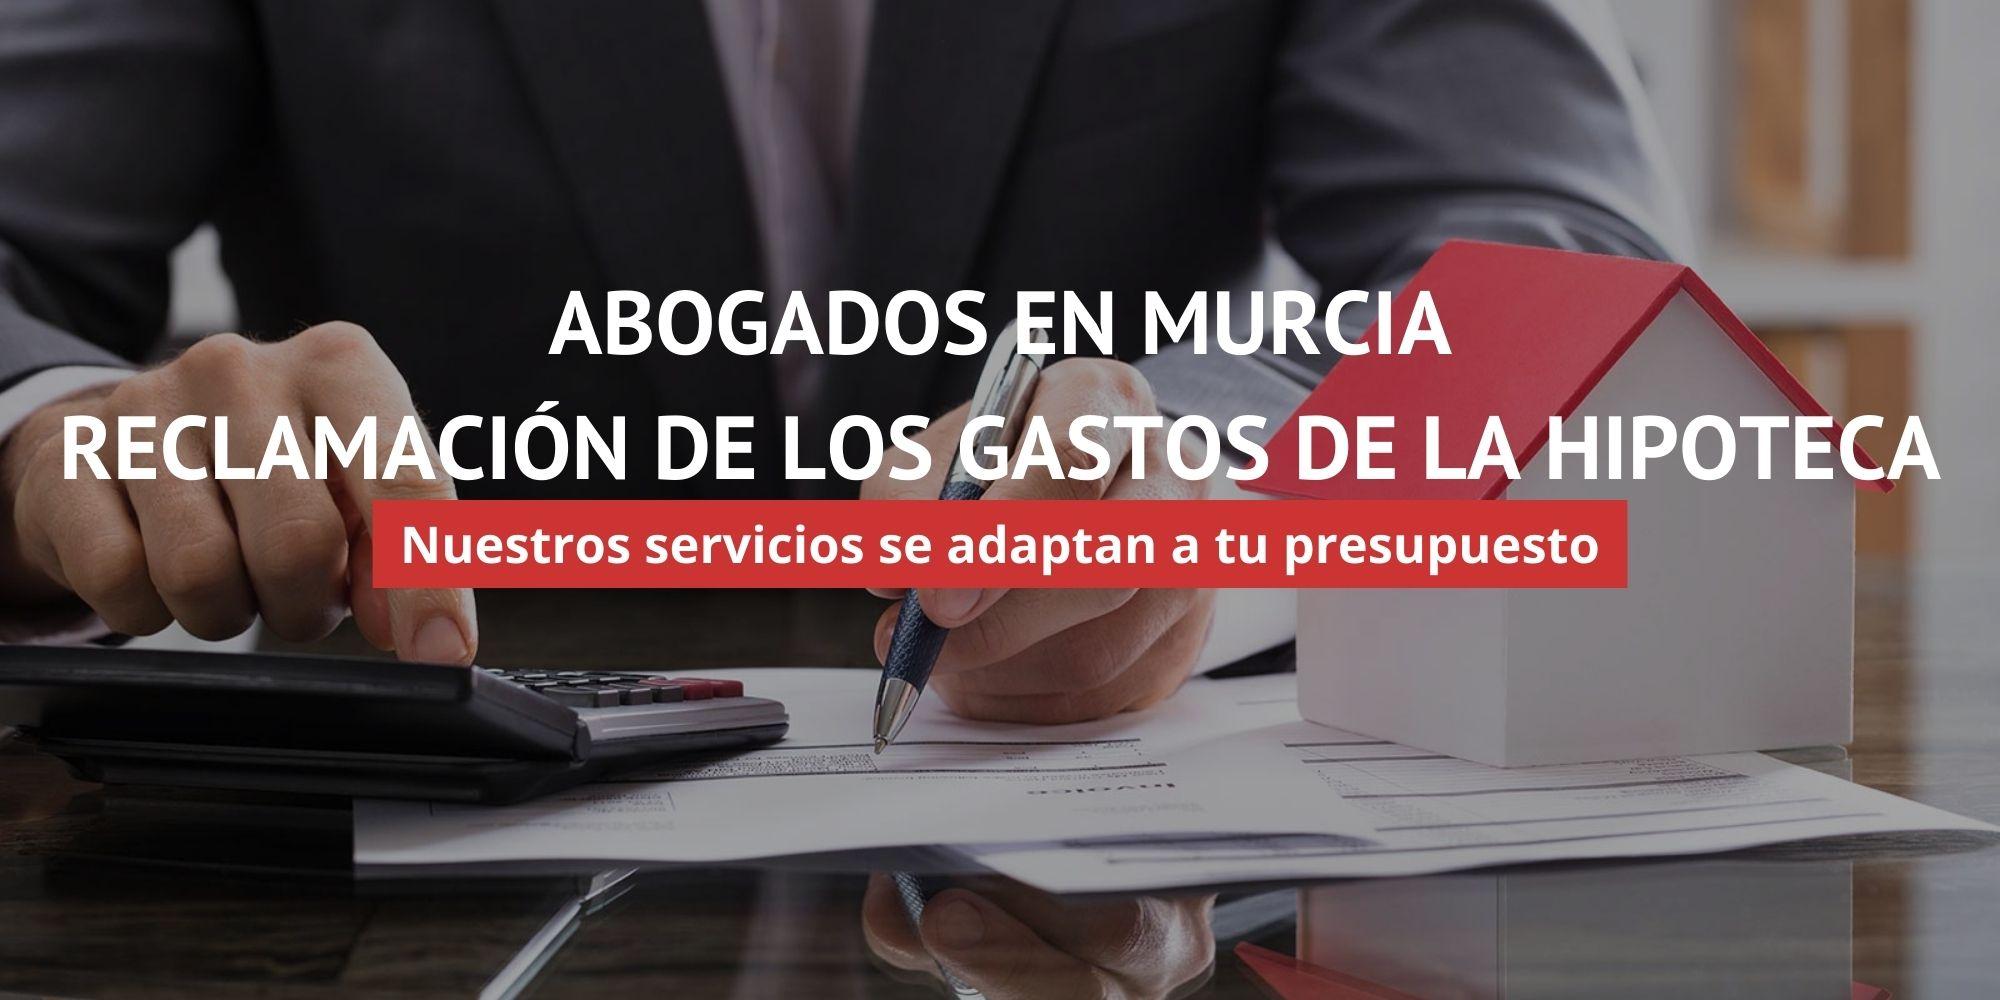 Reclamación Gastos Hipoteca - Murcia - Primera Visita Gratis | ACC LEGAL ABOGADOS